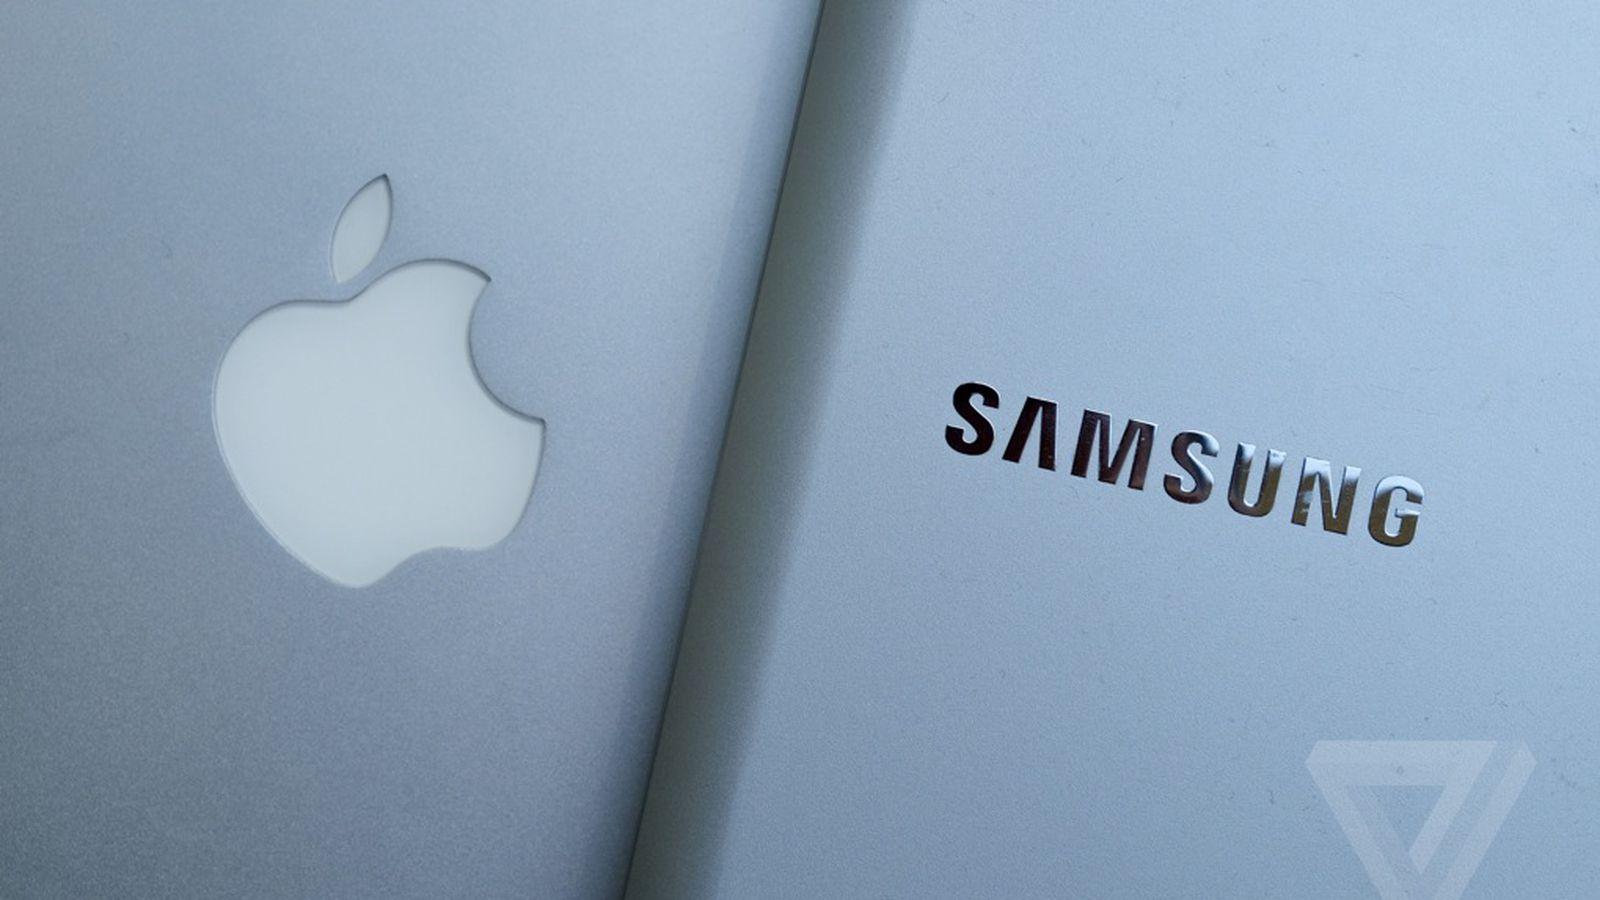 iPhone ế hàng khiến Apple phải nộp phạt gần 1 tỷ USD cho Samsung